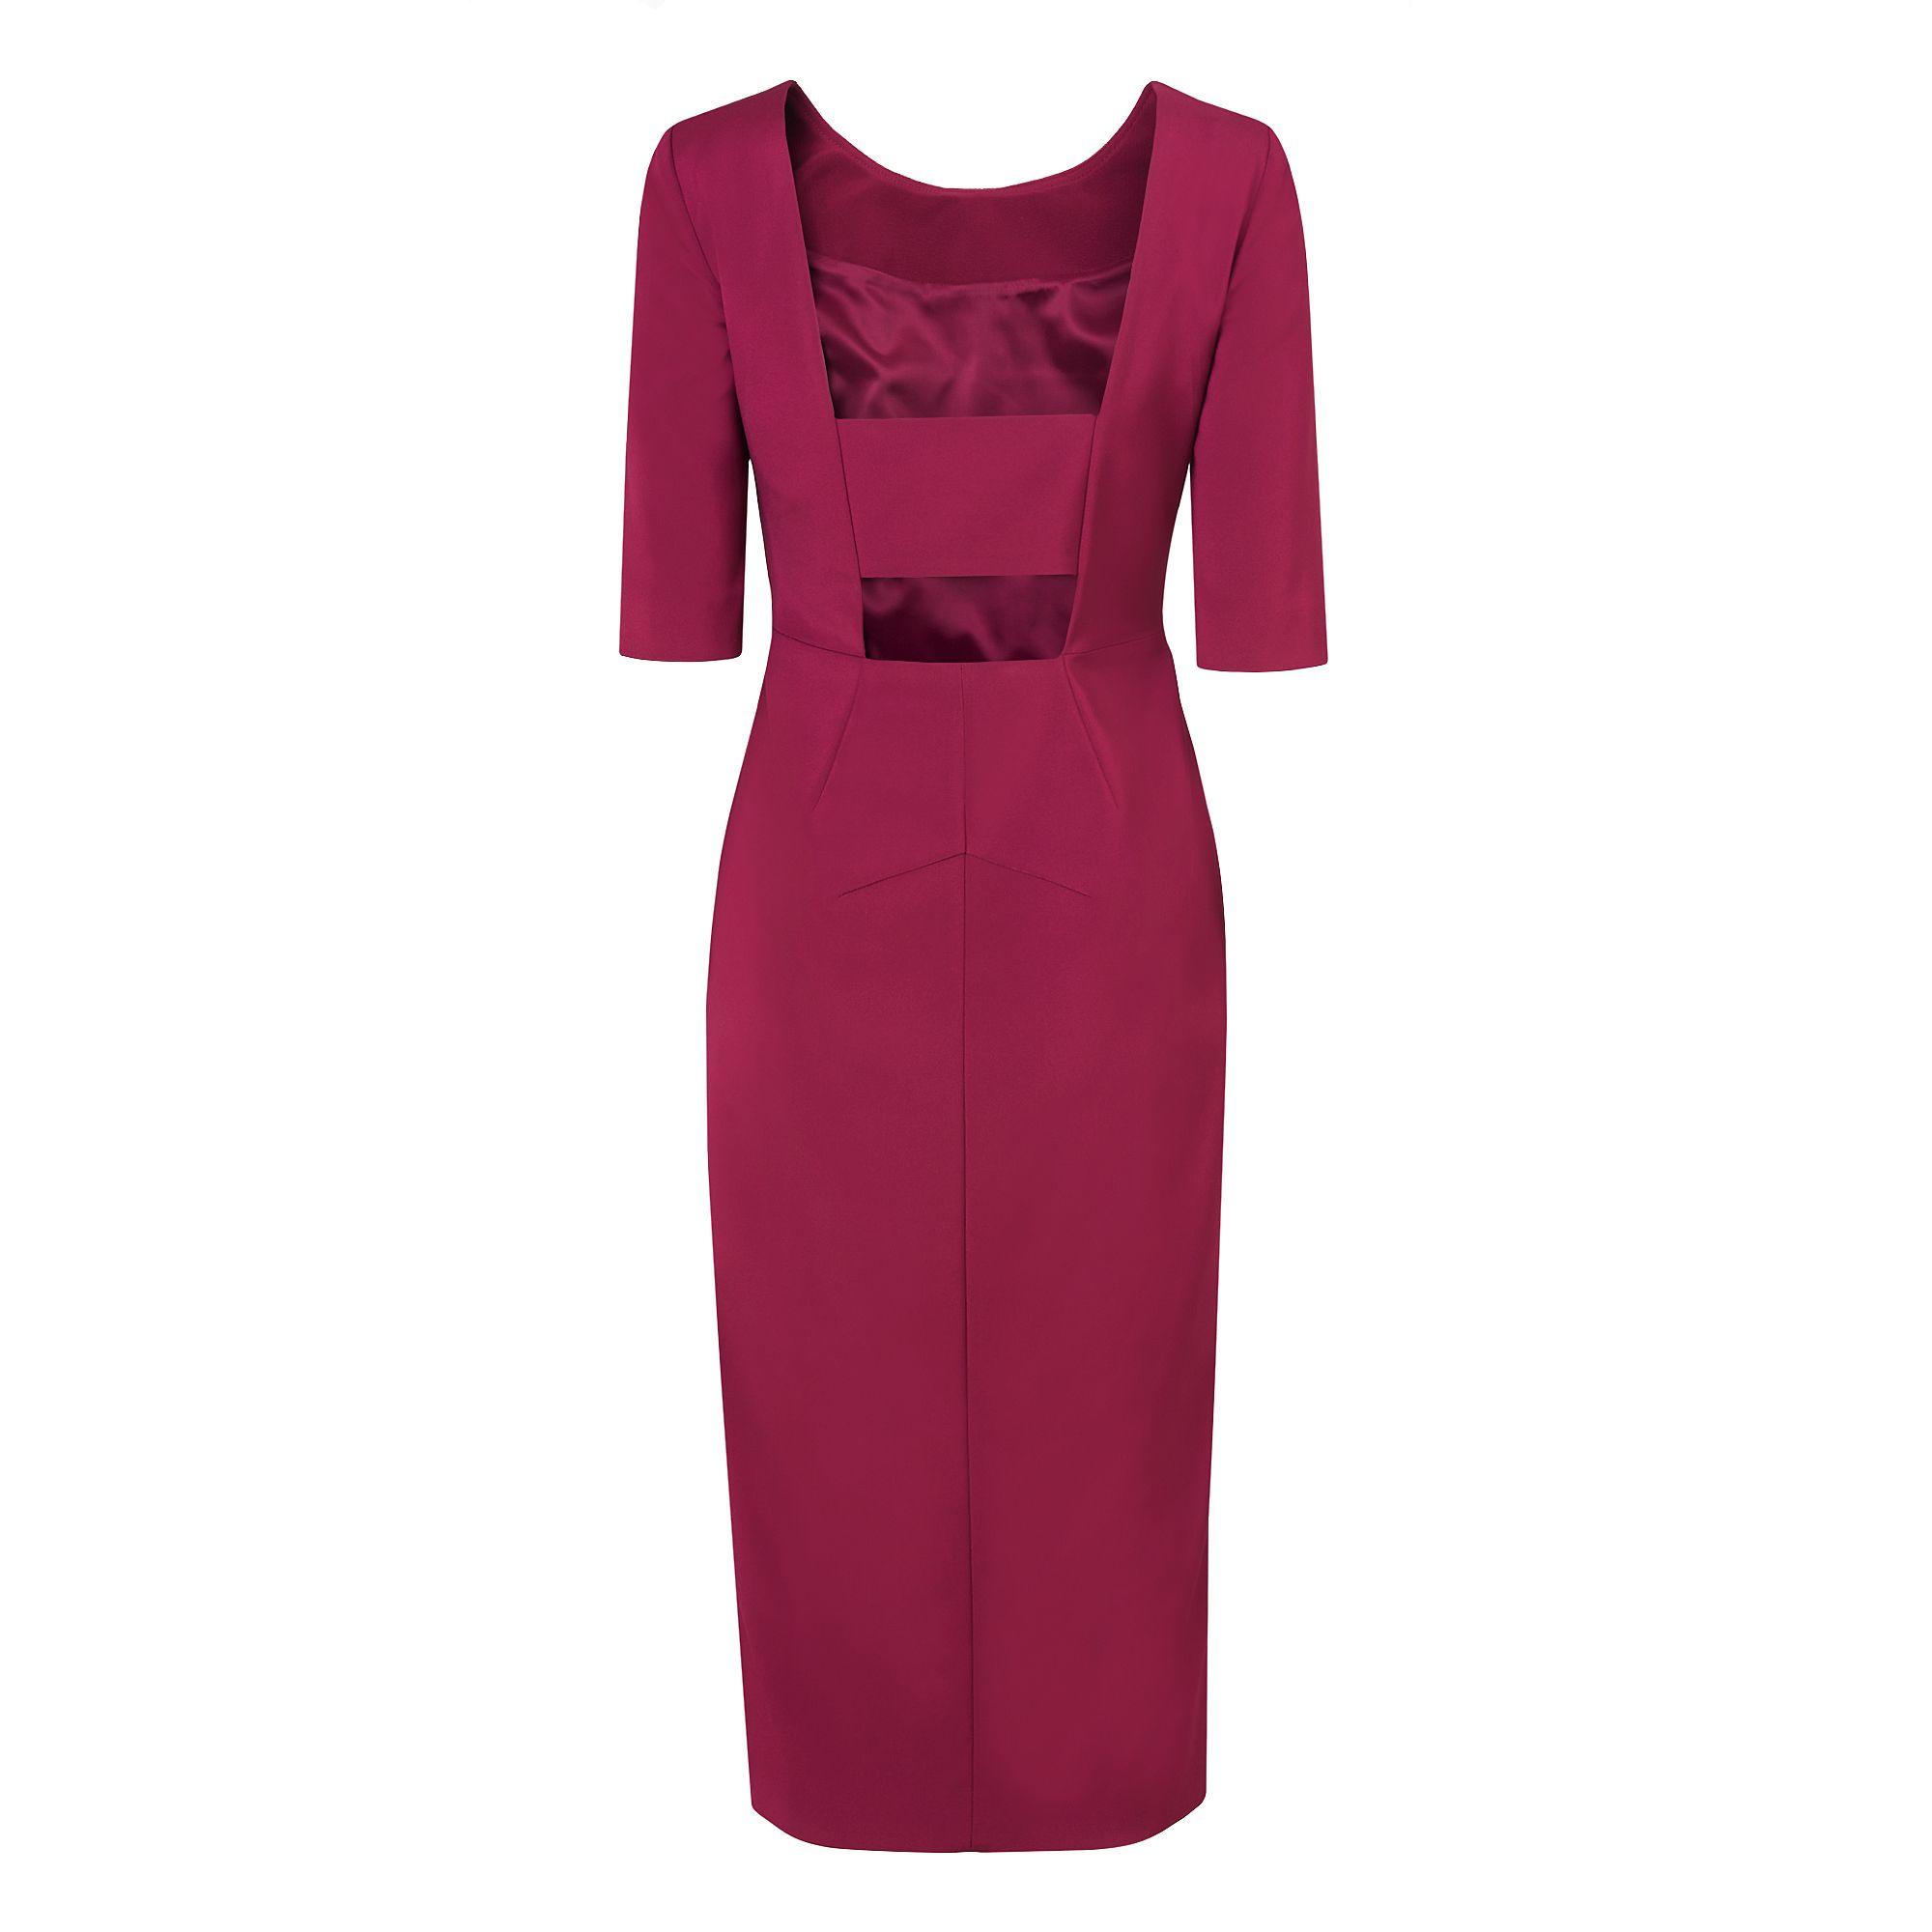 Lkbennett Calia Fitted Dress In Red Lyst